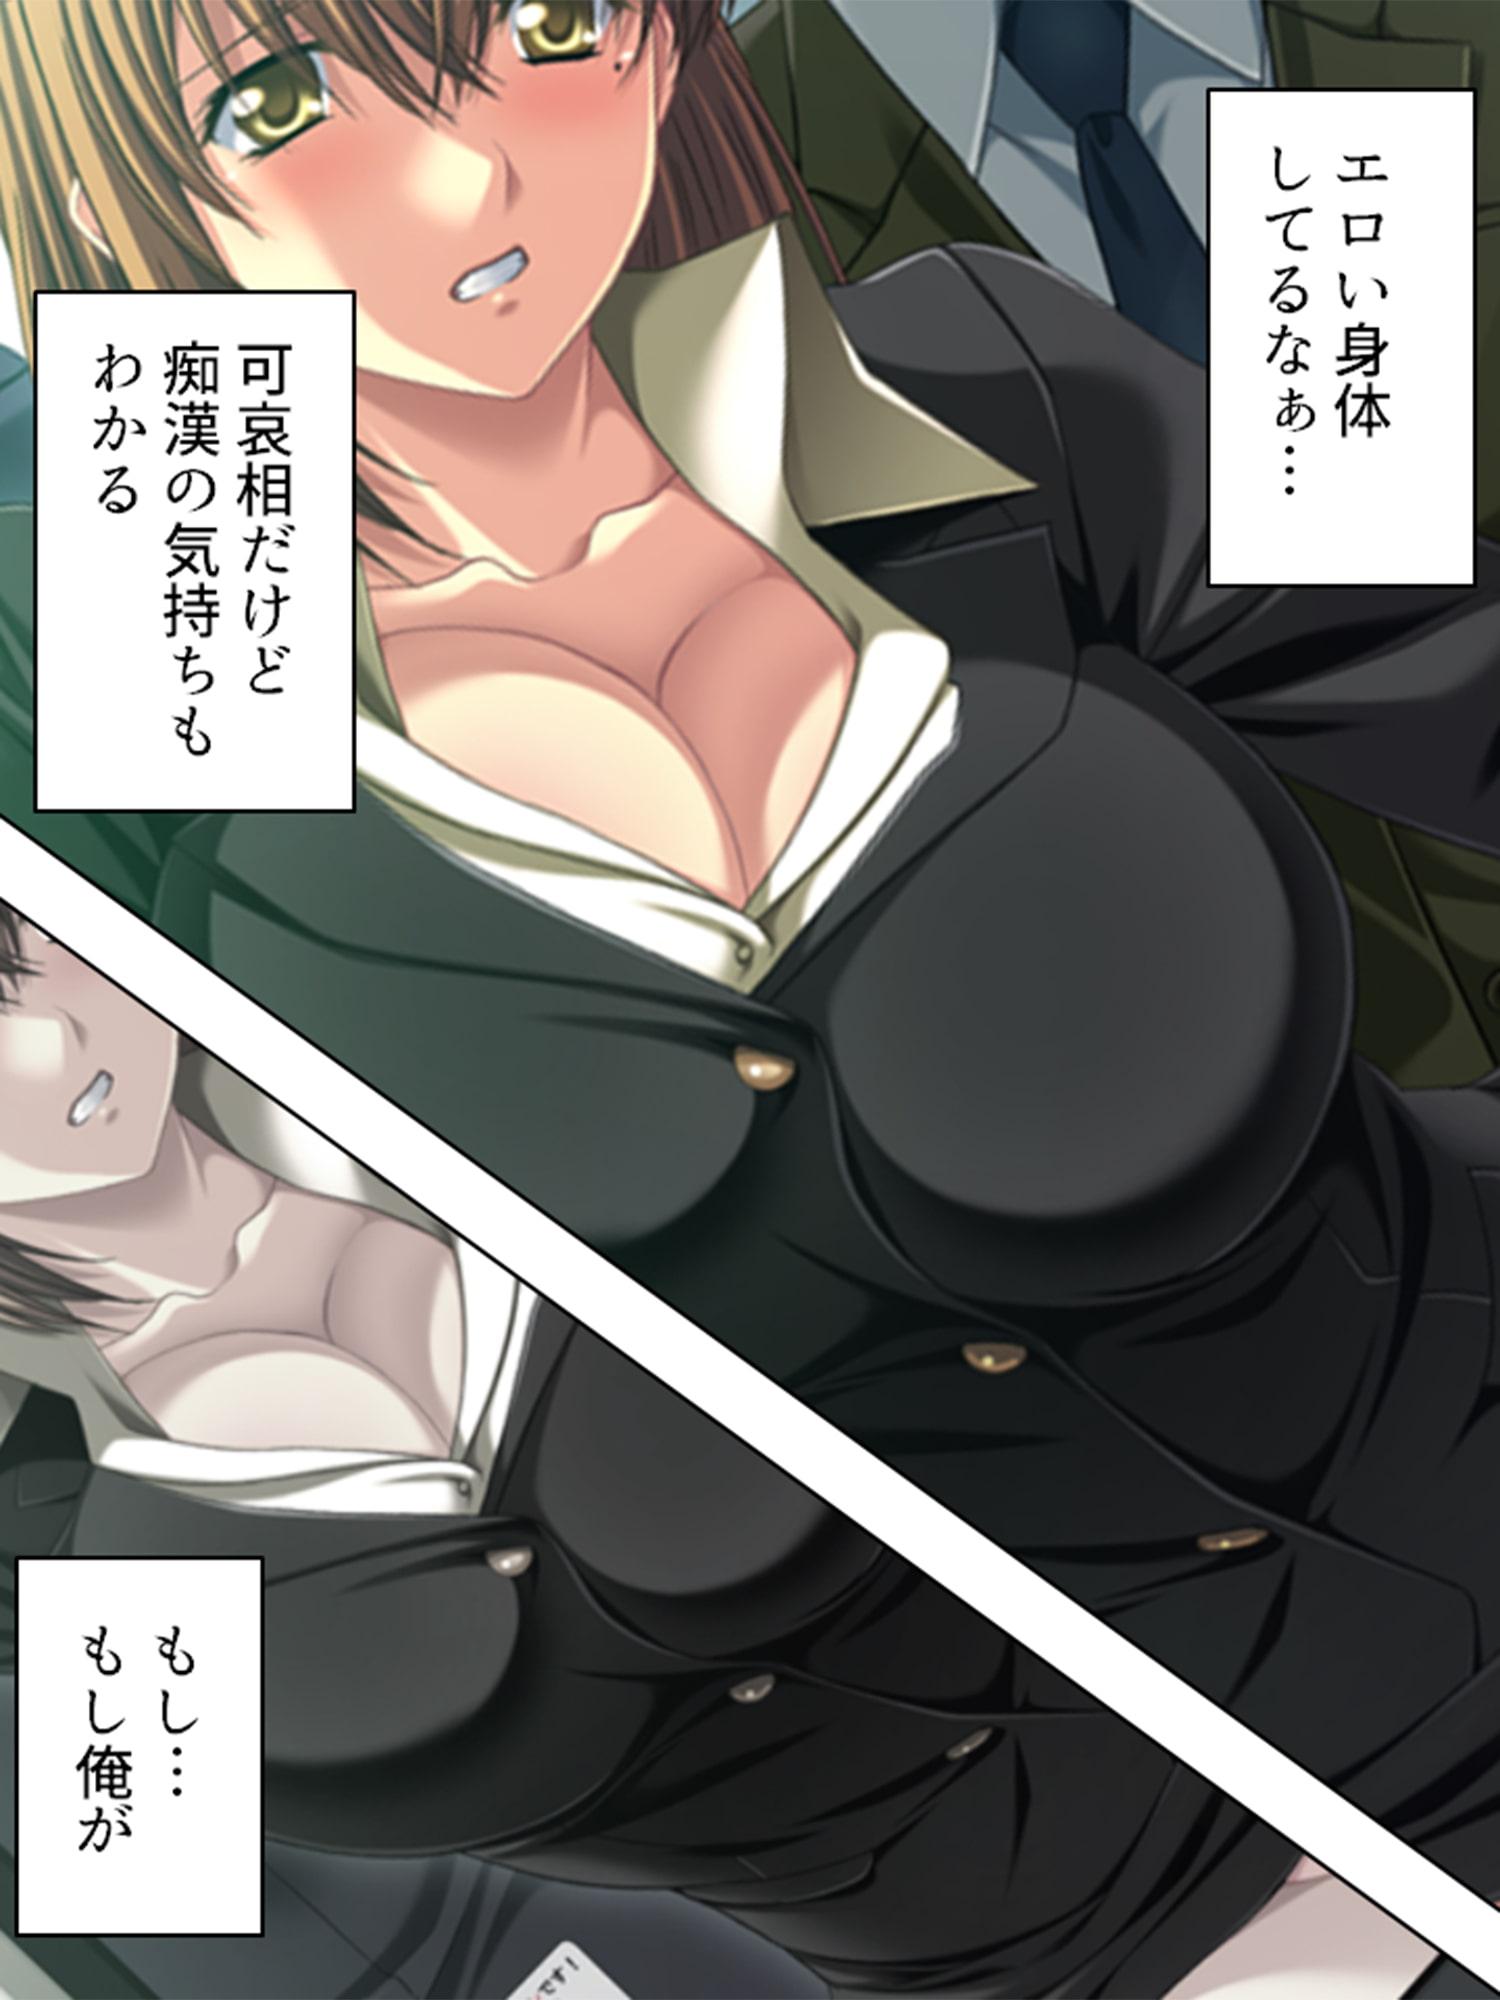 【新装版】新人暴姦令 ~逆らえない俺の背徳業務~